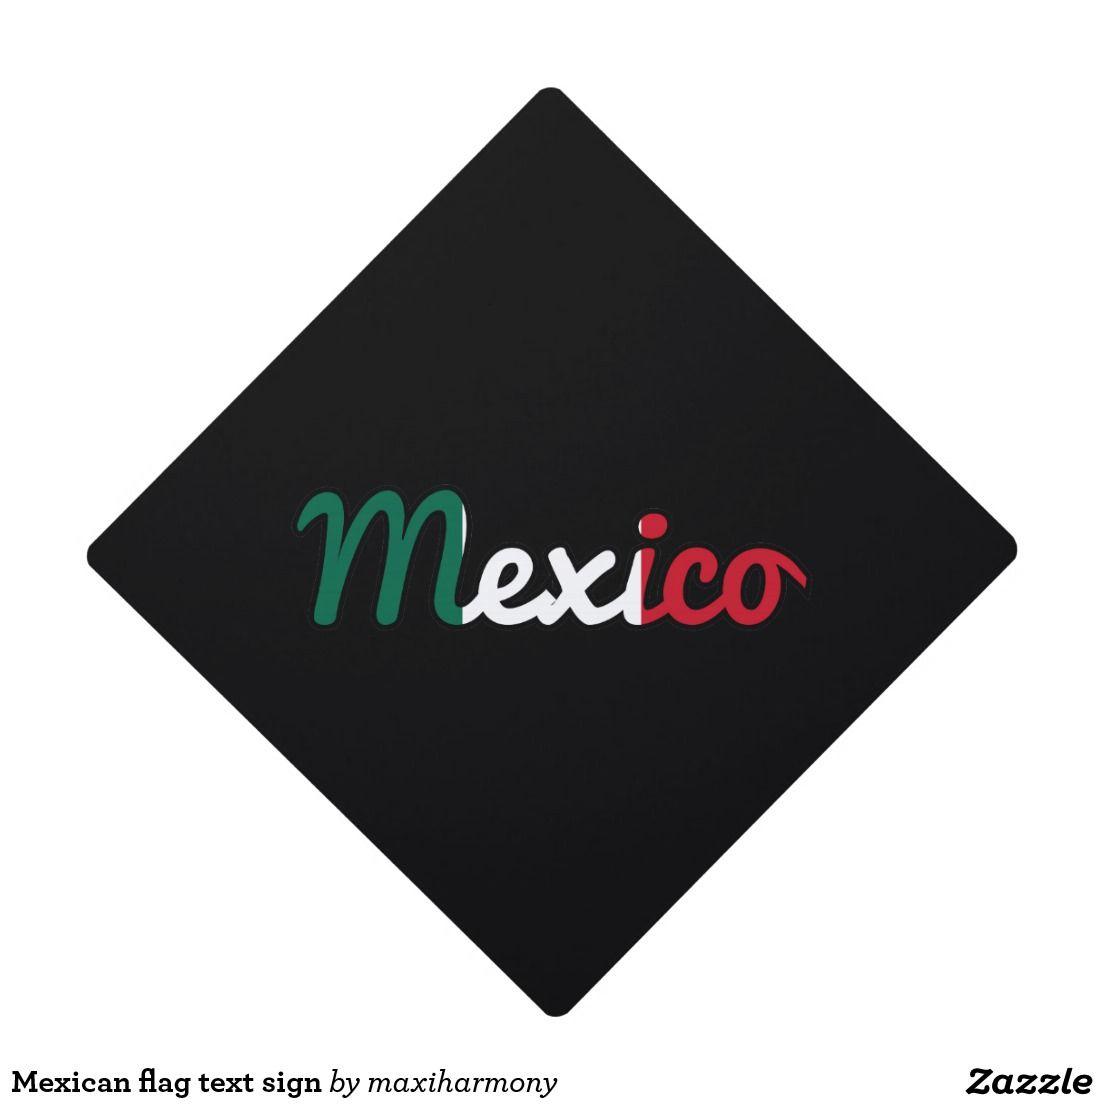 mexican flag text sign graduation cap toppers graduation cap